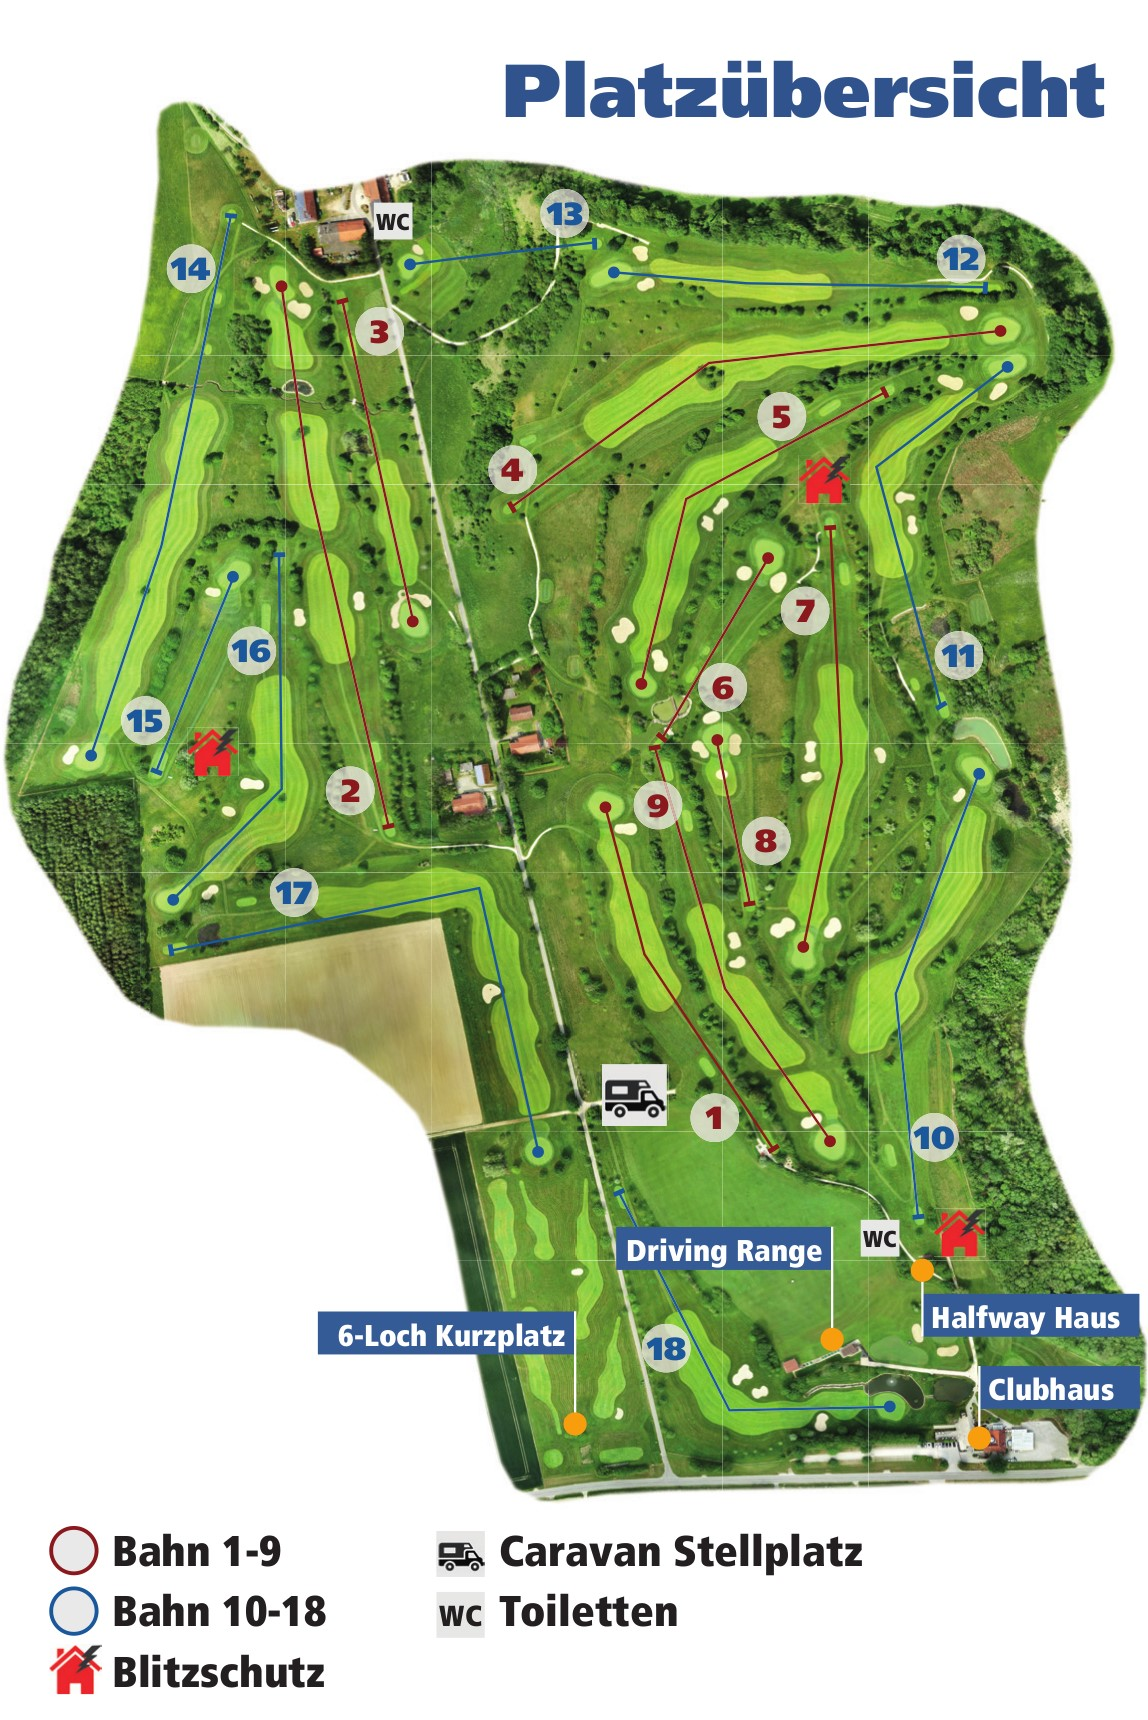 Golfclub Sigmaringen Anlage Platzübersicht